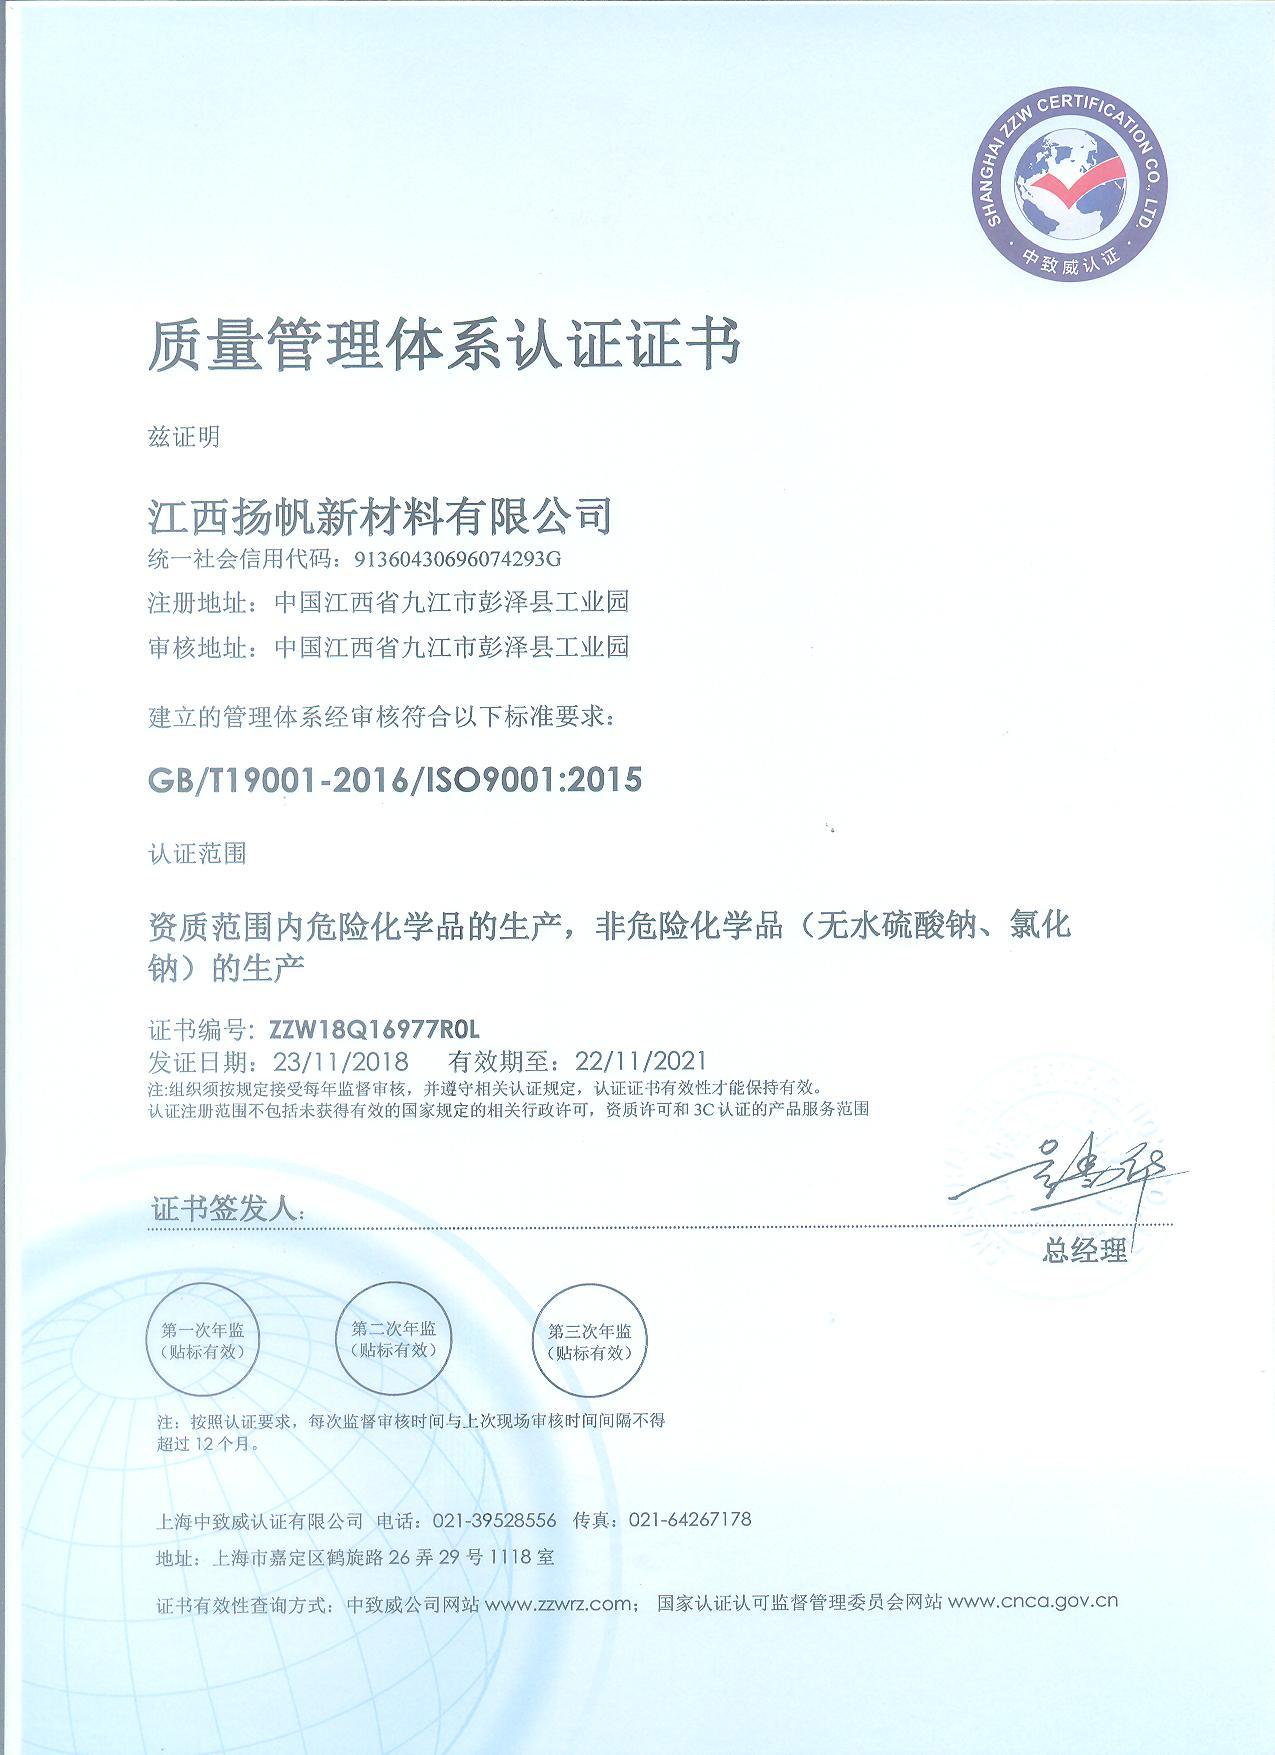 ISO9001:2015中(正本)